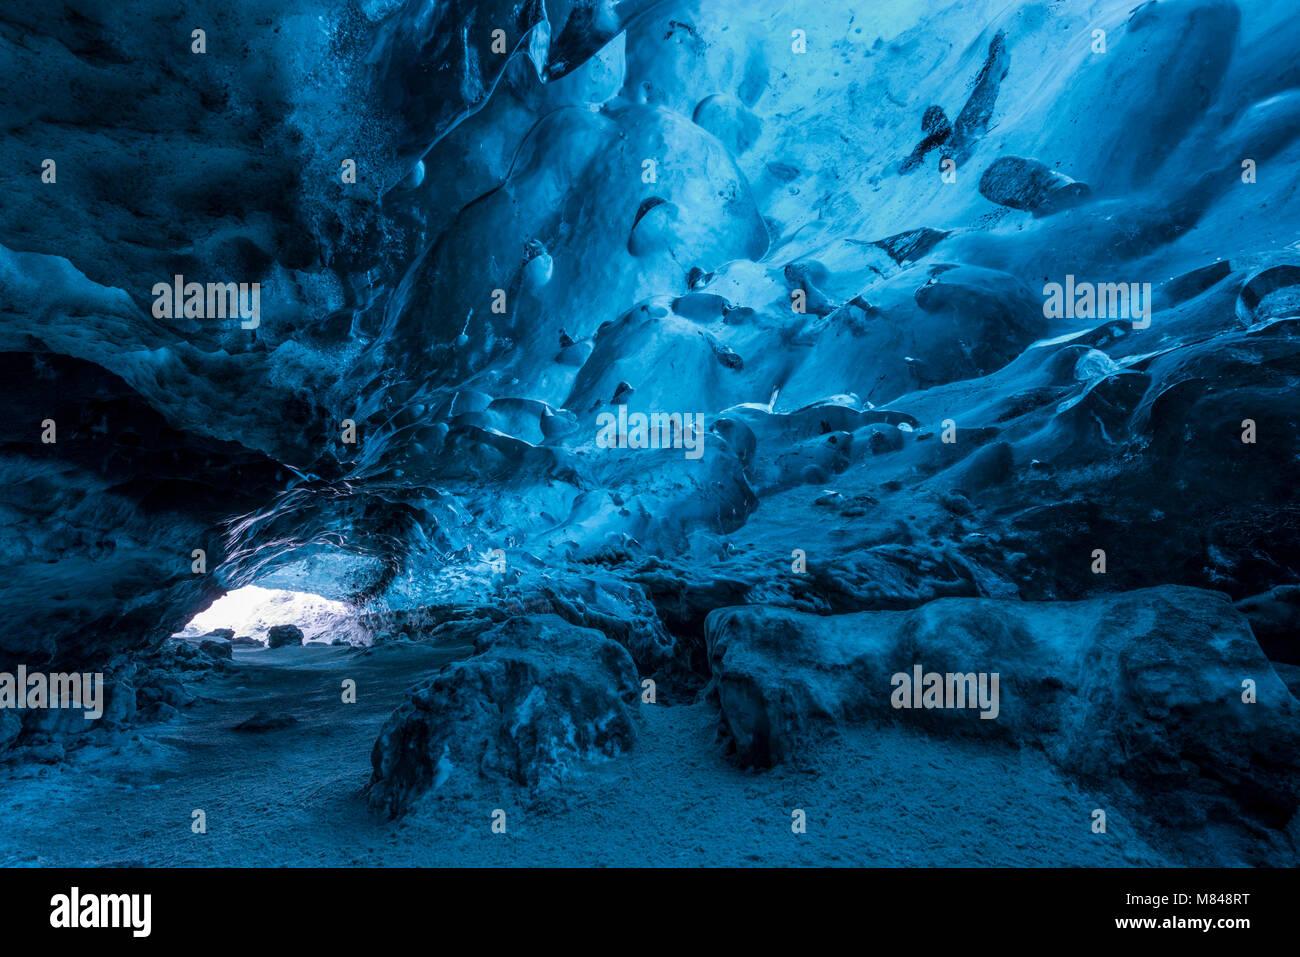 Cueva de hielo debajo de un glaciar, Islandia, Europa. Invierno (enero de 2017). Foto de stock